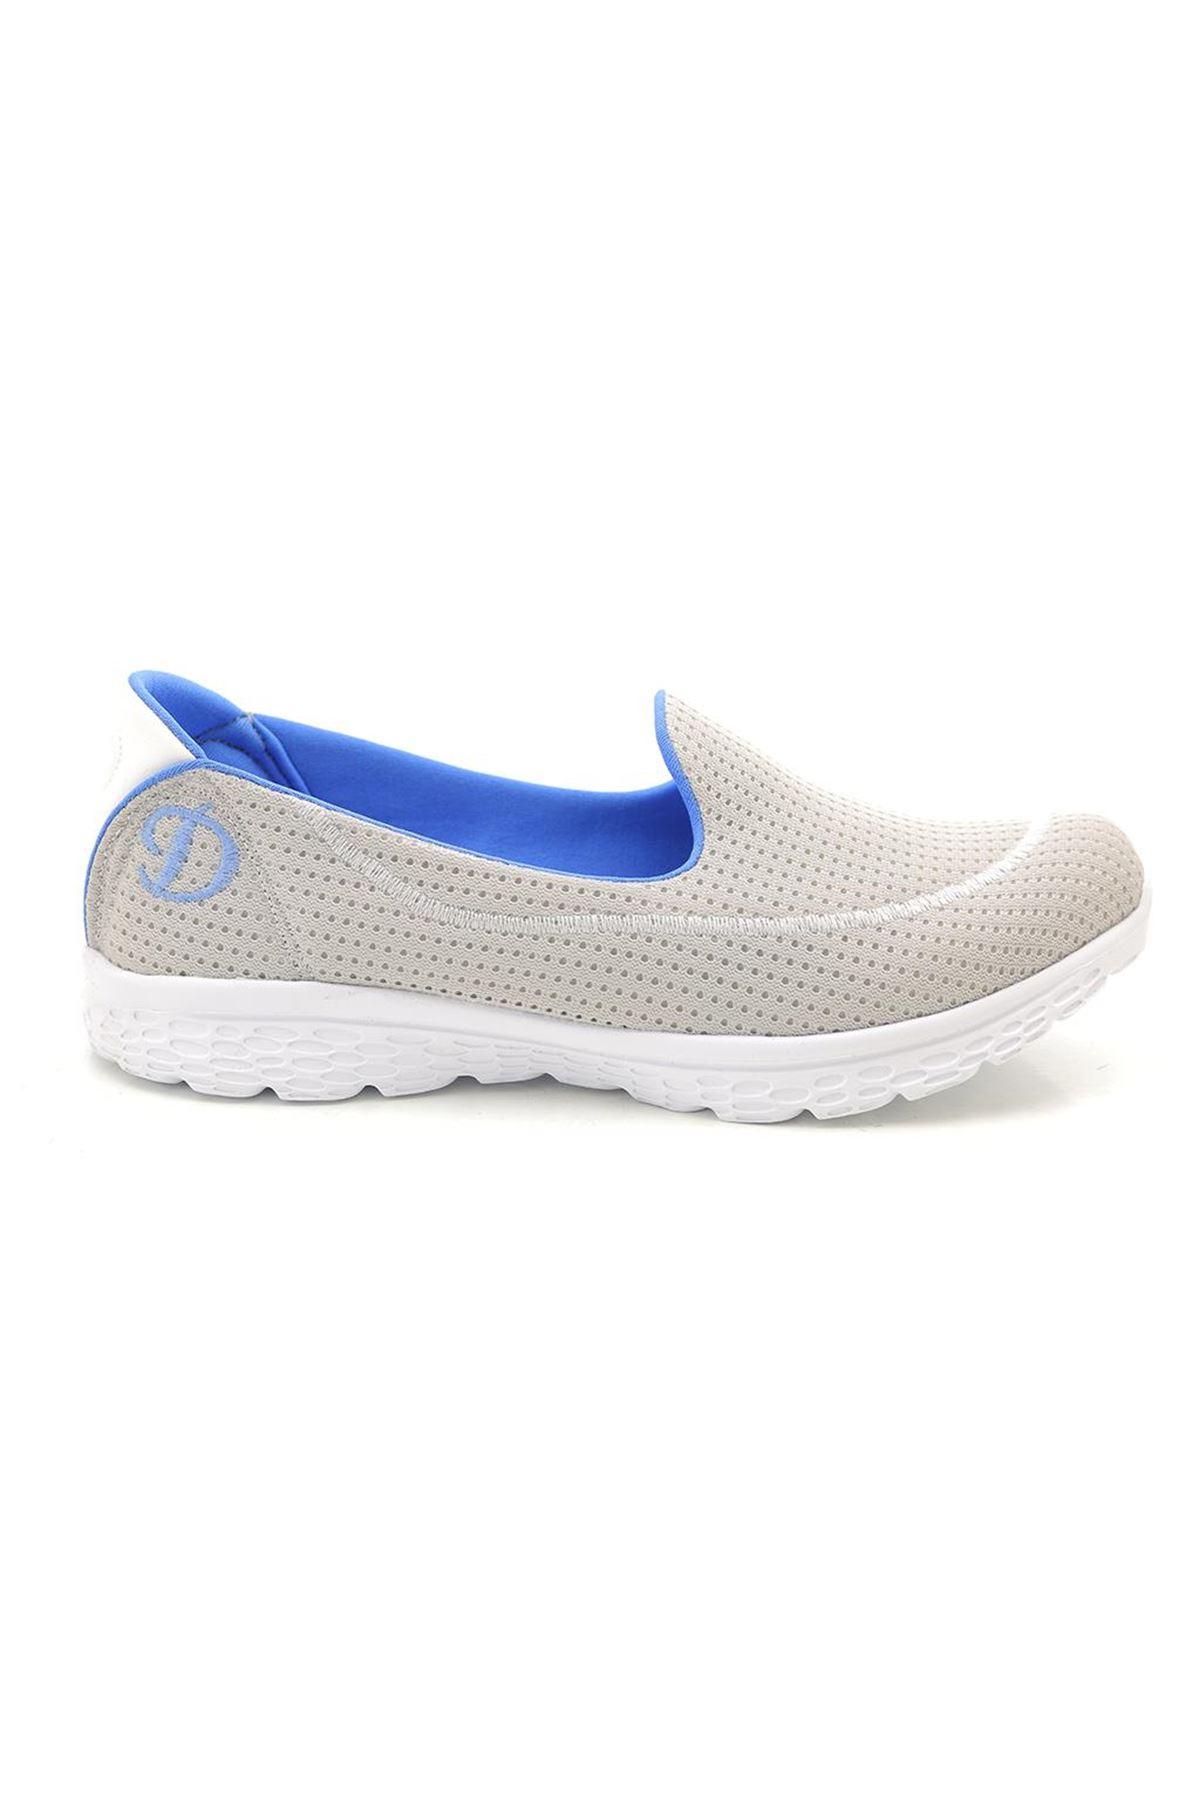 Kids World 90-201 Işıklı Kız Çocuk Spor Ayakkabı, Işıklı Ayakkabı